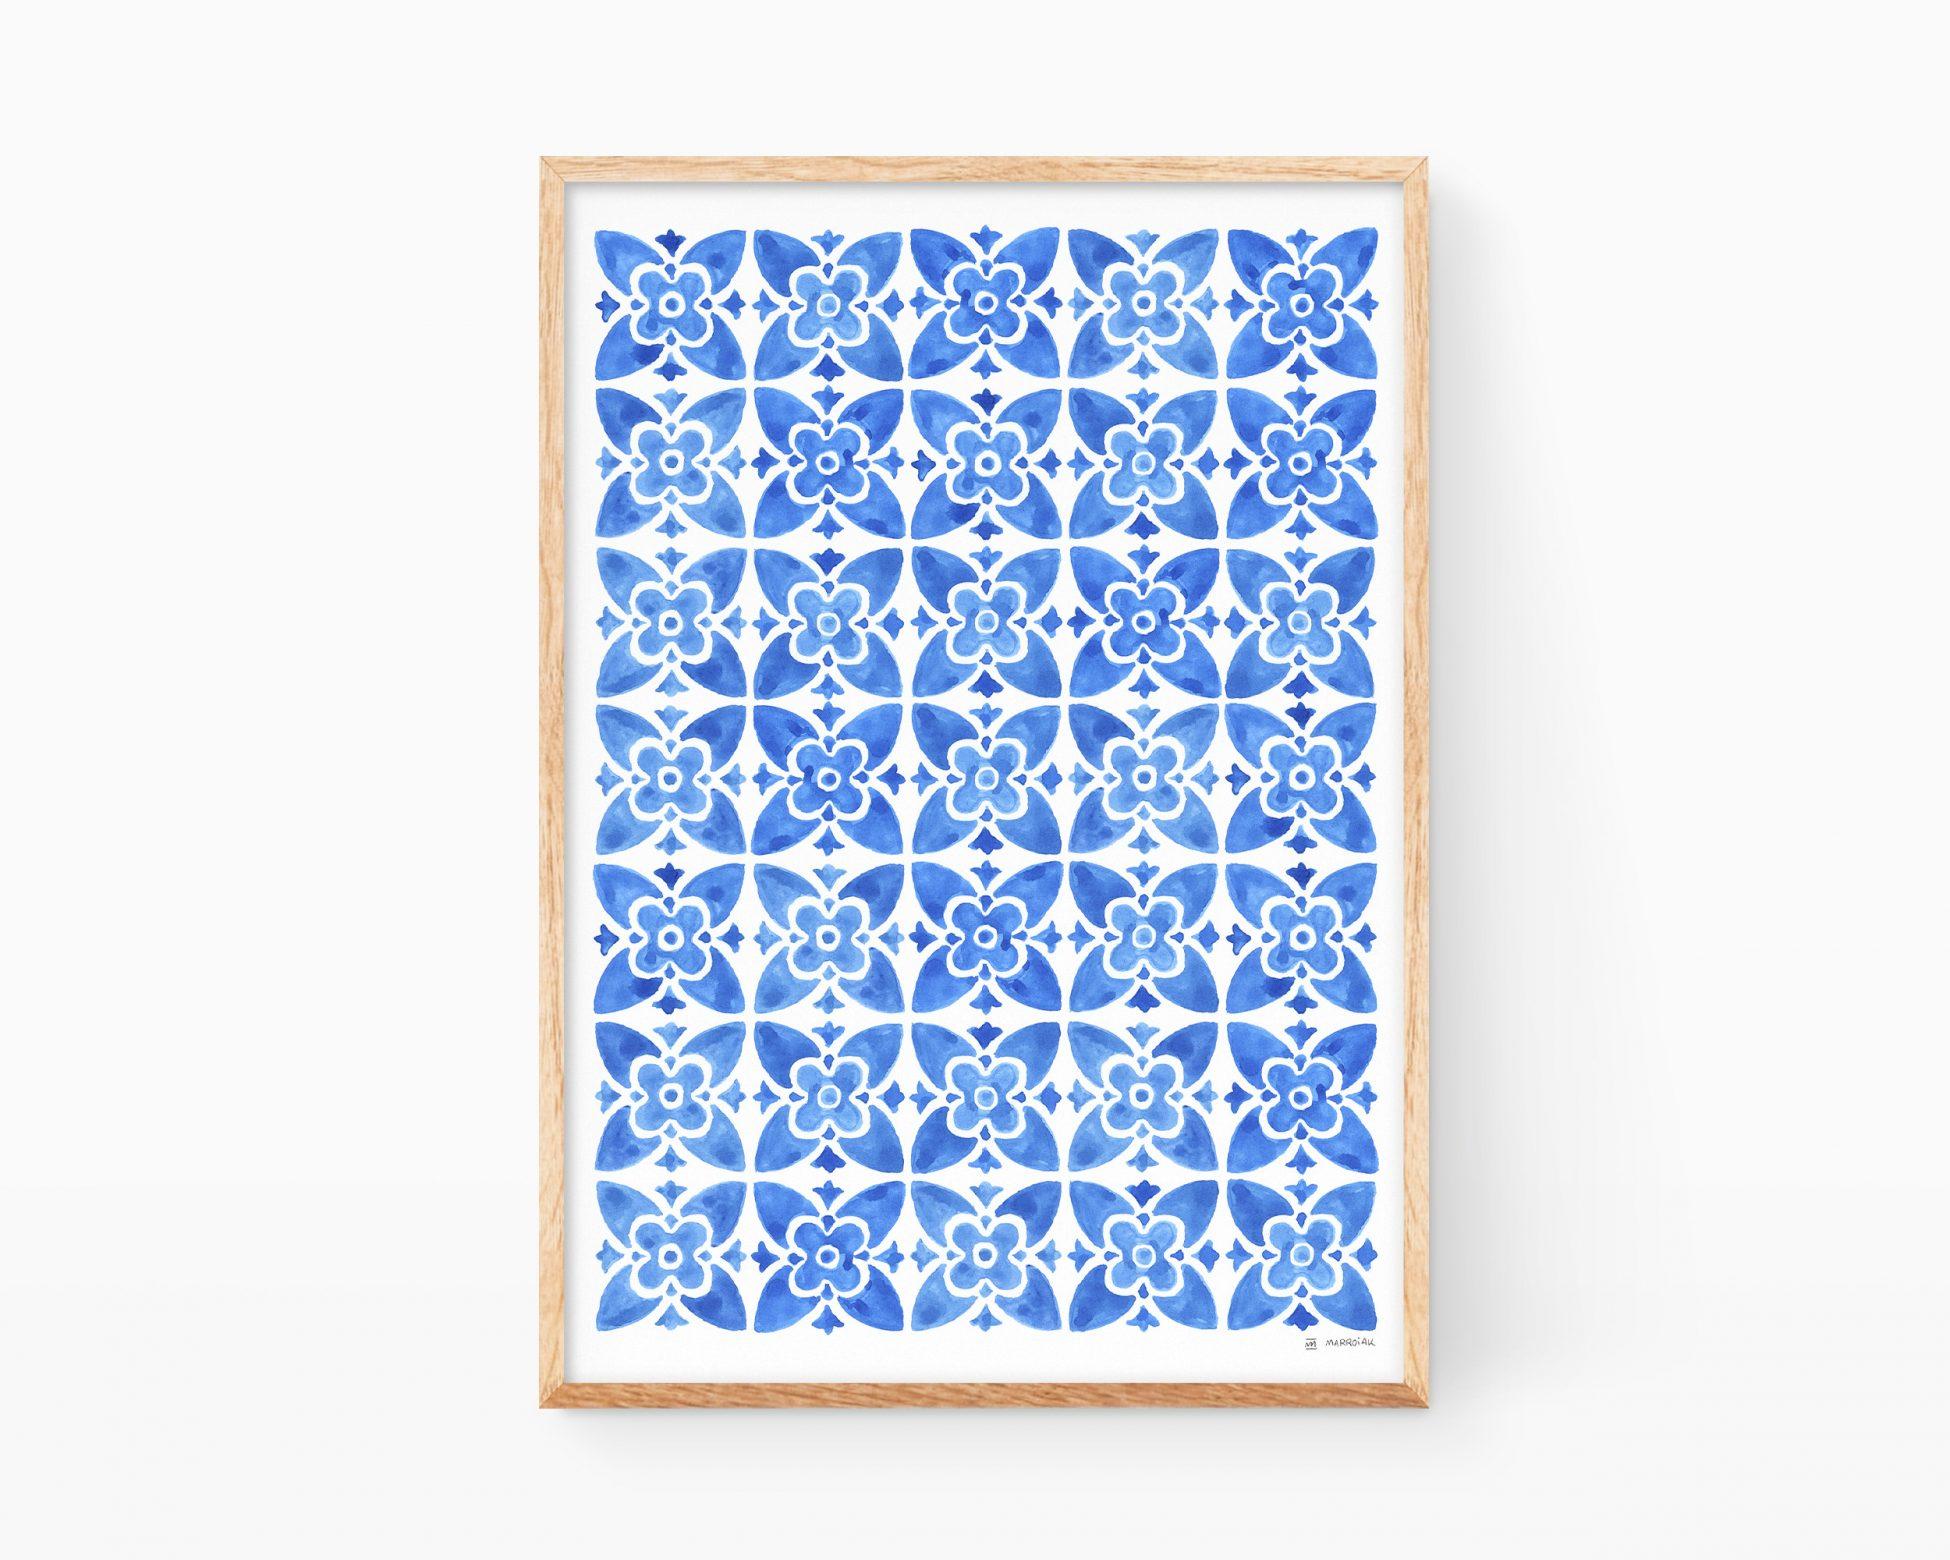 Lámina decorativa para salón y cocina con dibujos abstractos de flores en forma de azulejo mediterráneo, marroquí y valenciano. Ilustraciones de aulejos antiguos valencianos